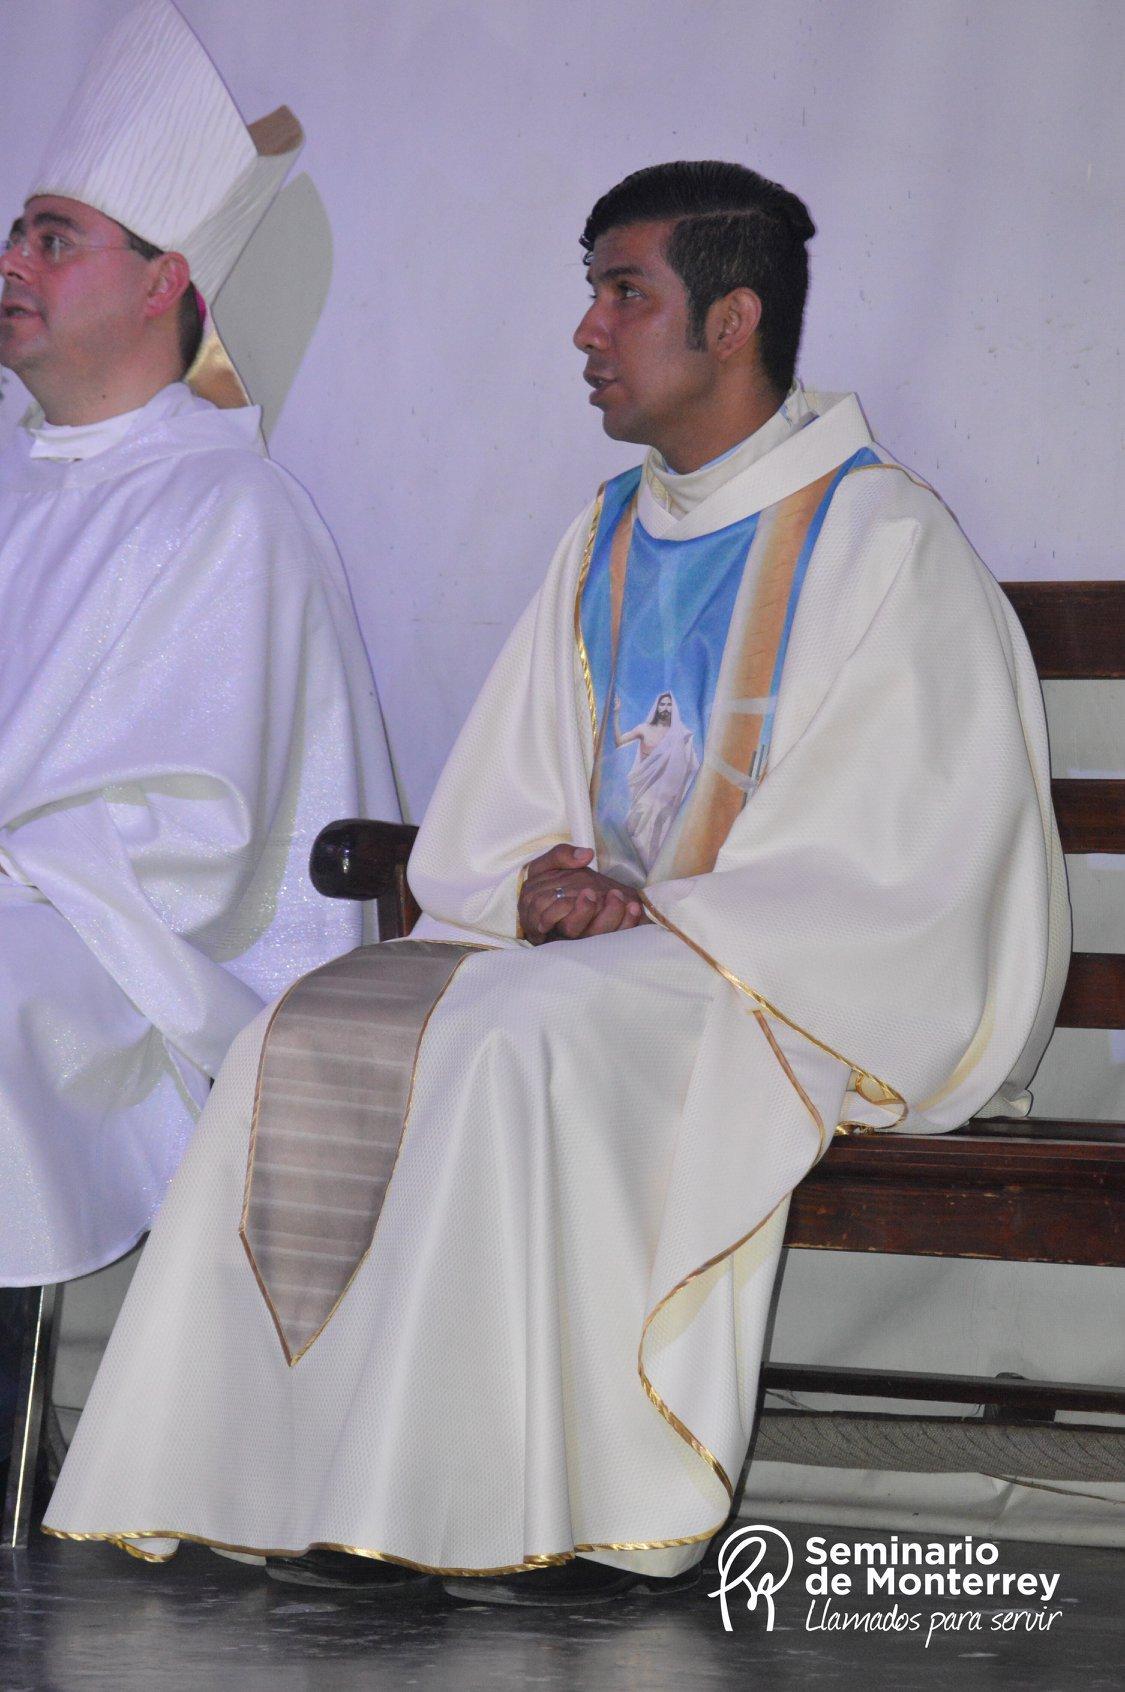 Seminario Arquidiocesano de Monterrey/Facebook